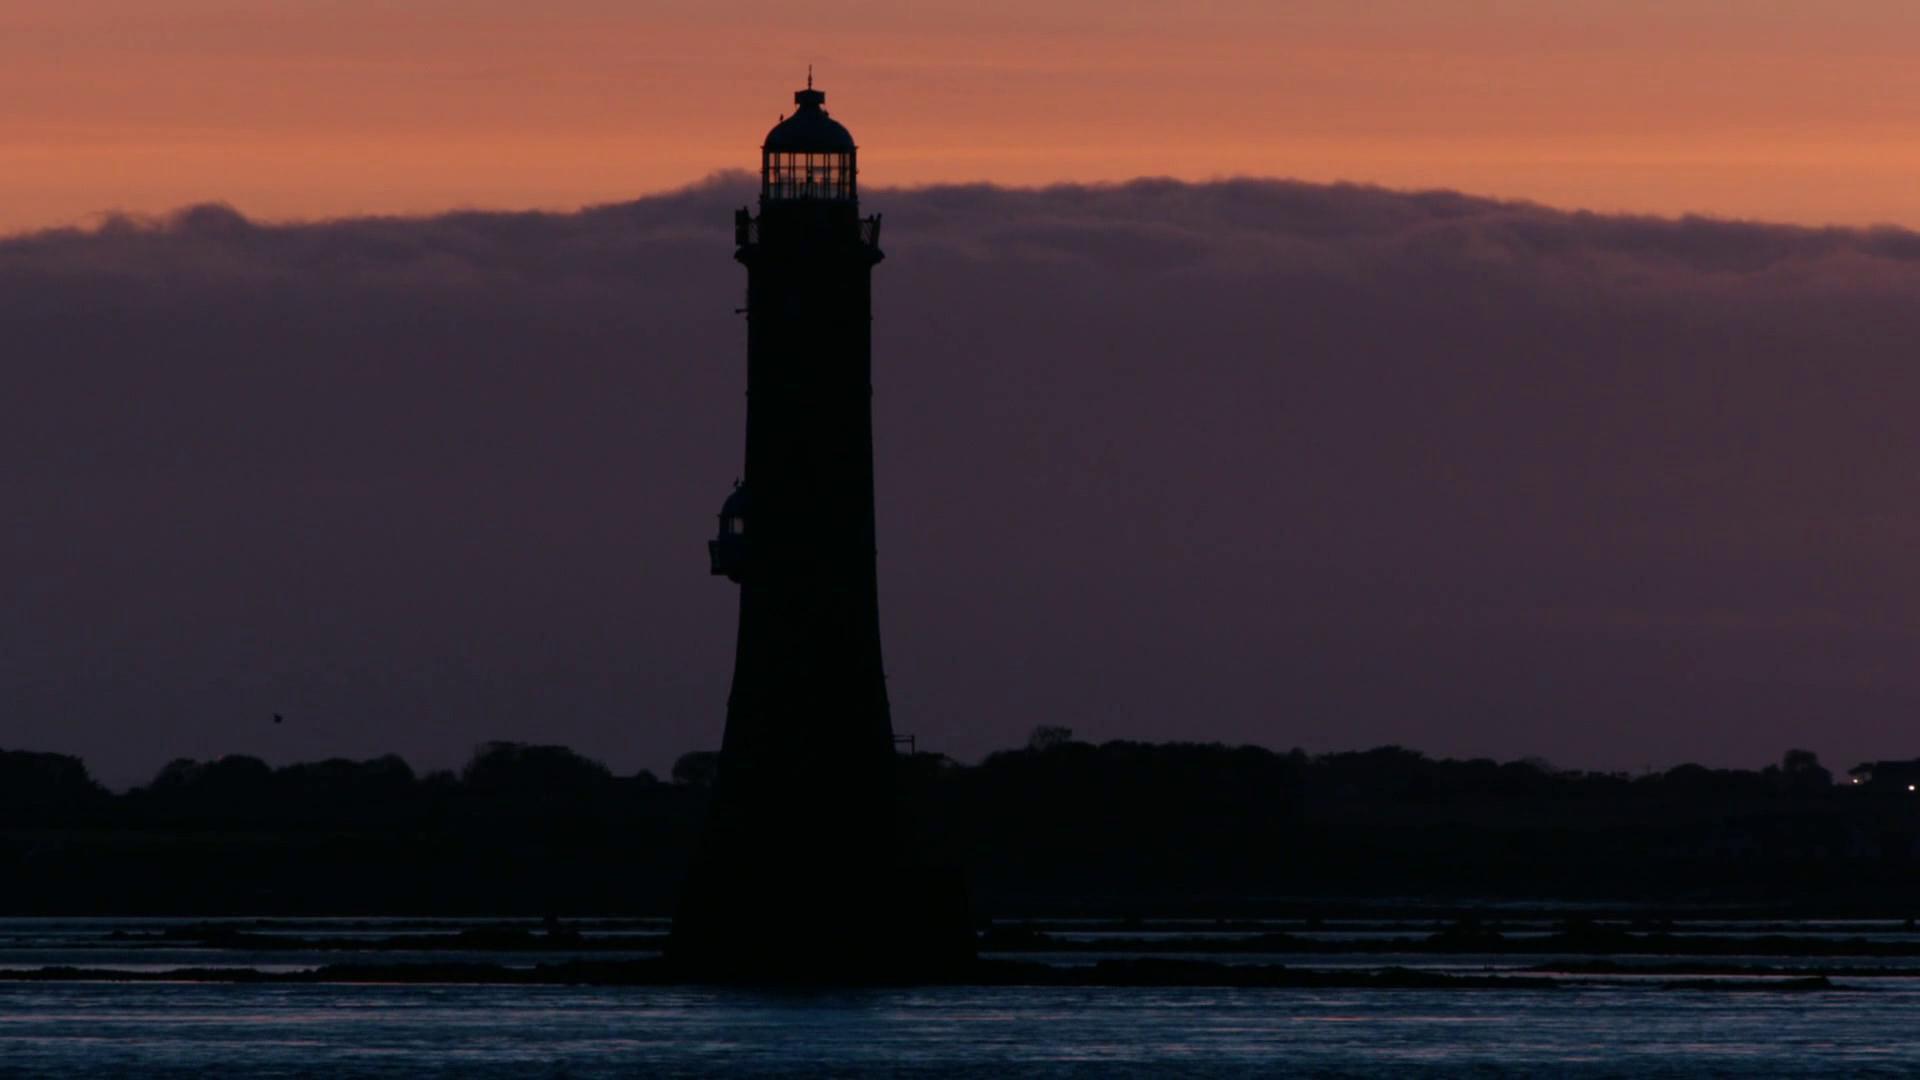 黄昏下的海港 灯塔